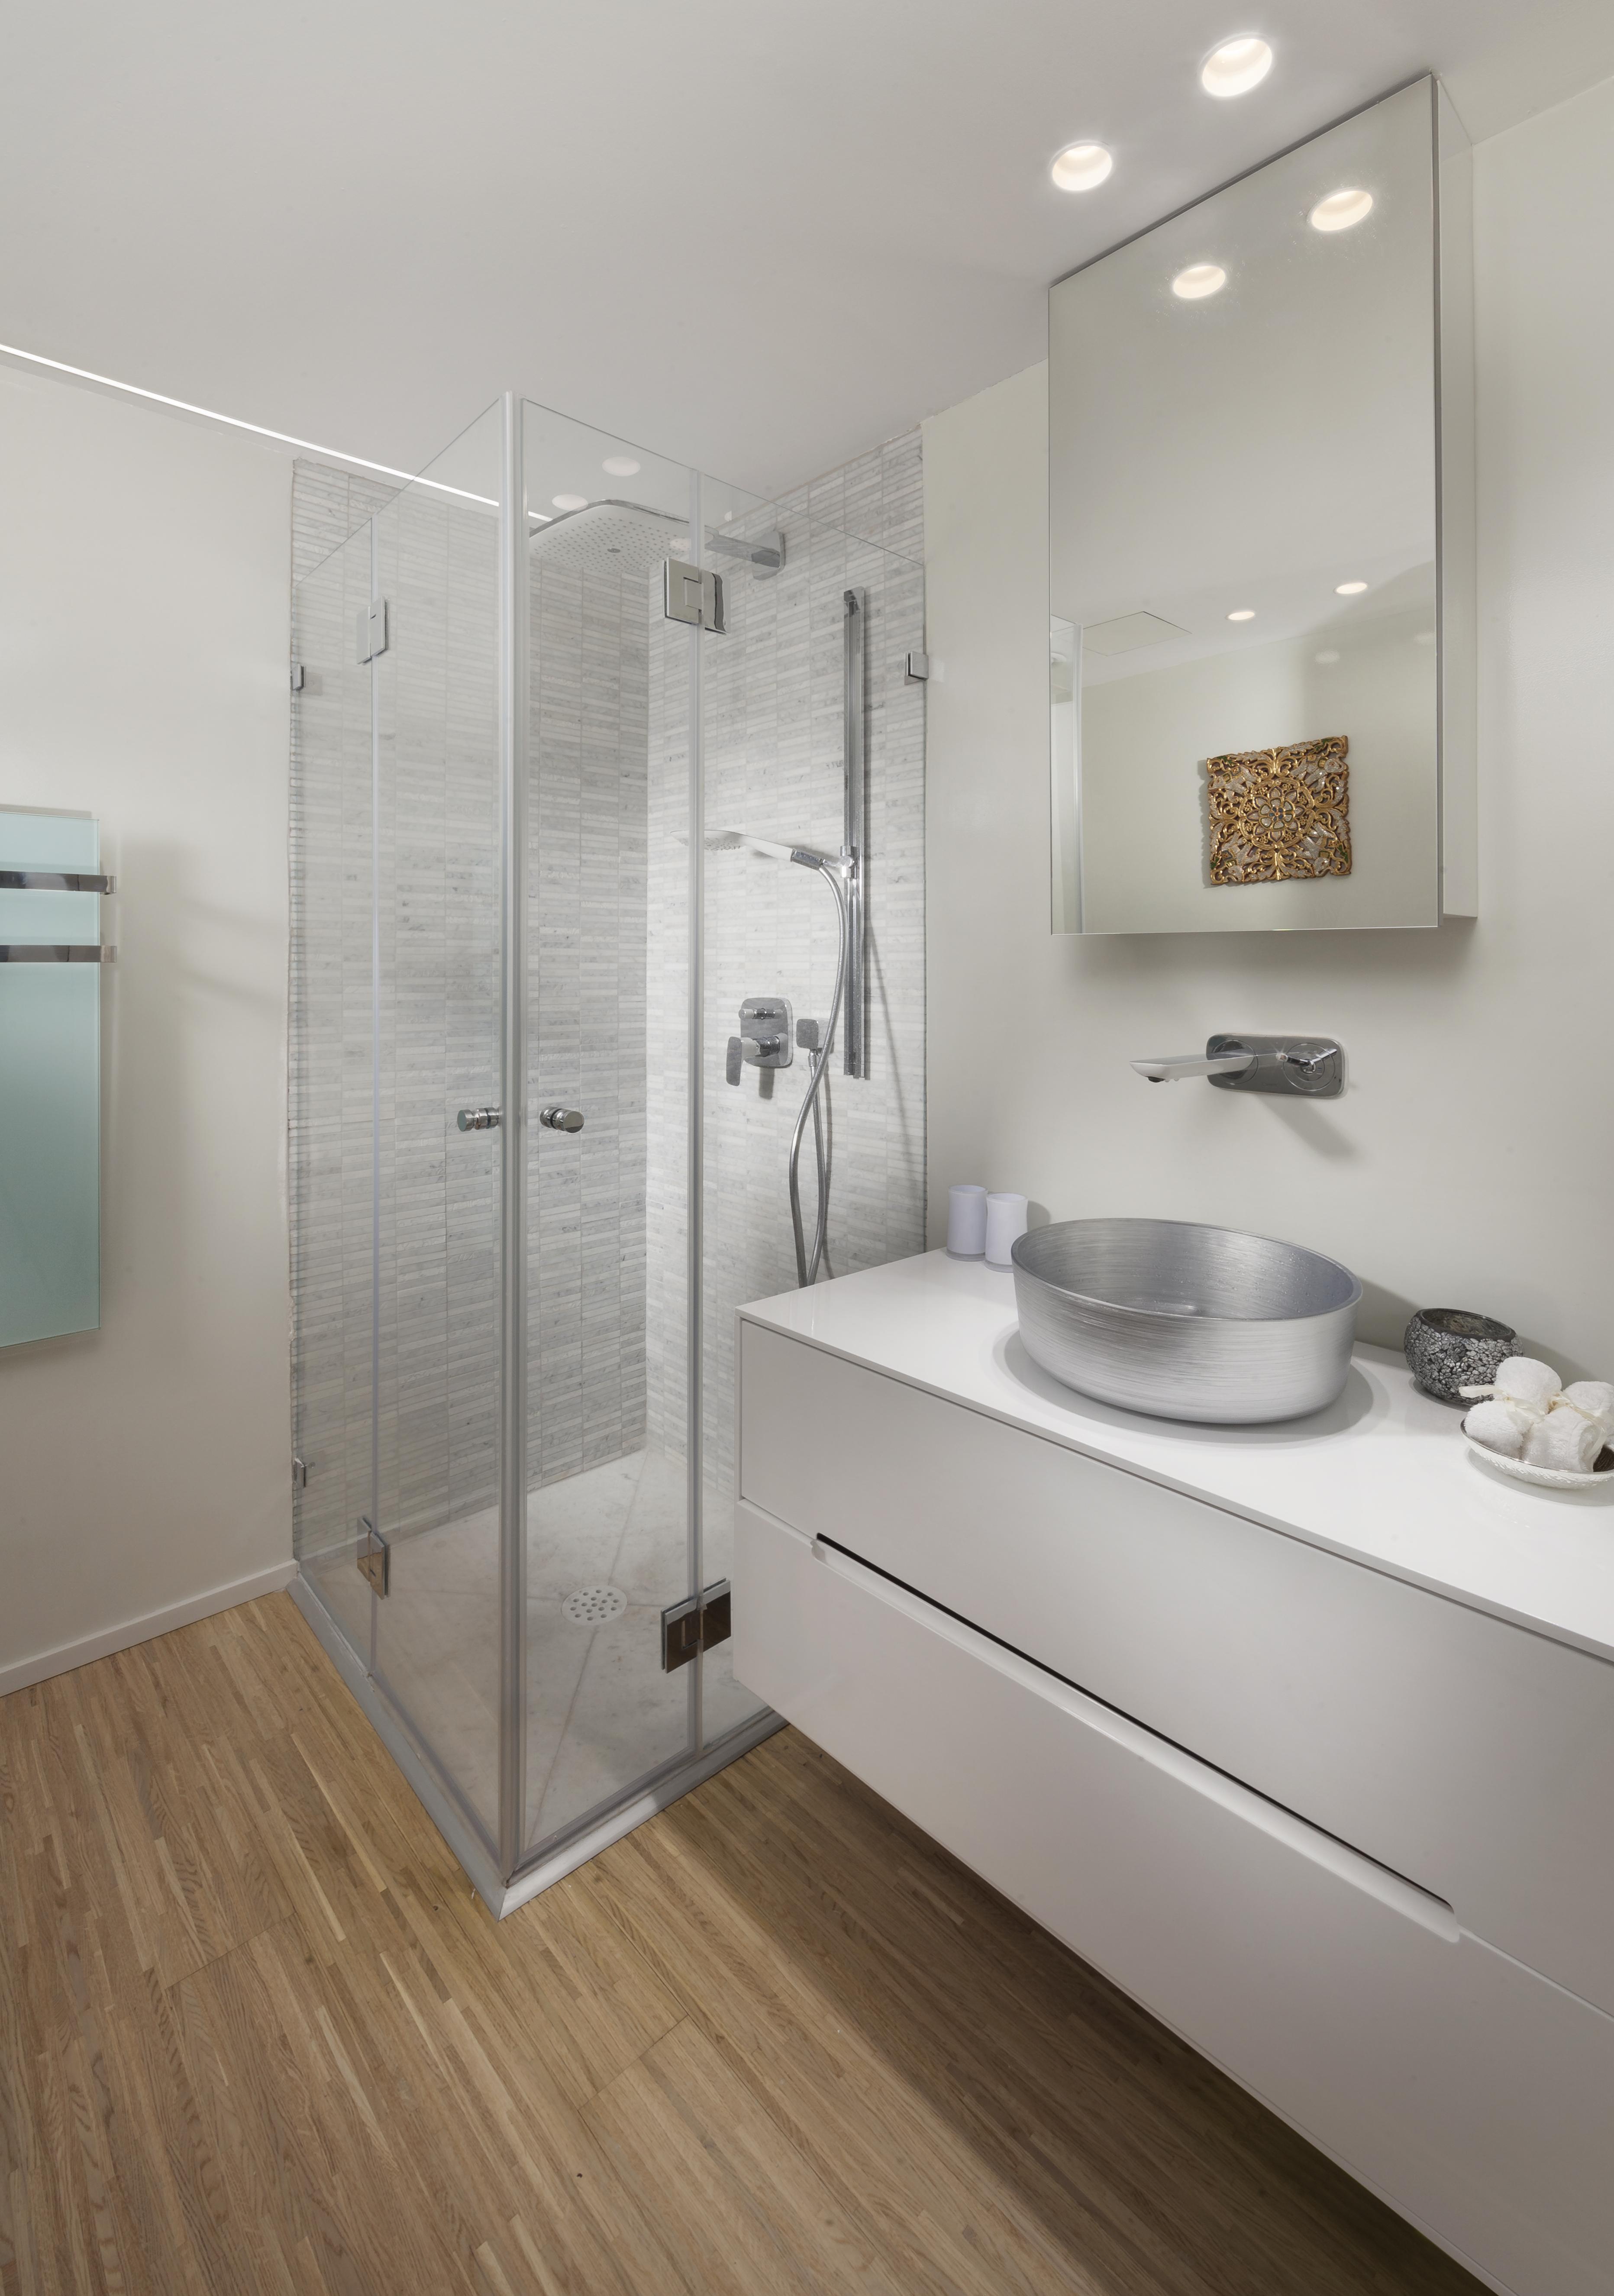 ארון האמבטיה מעוצב